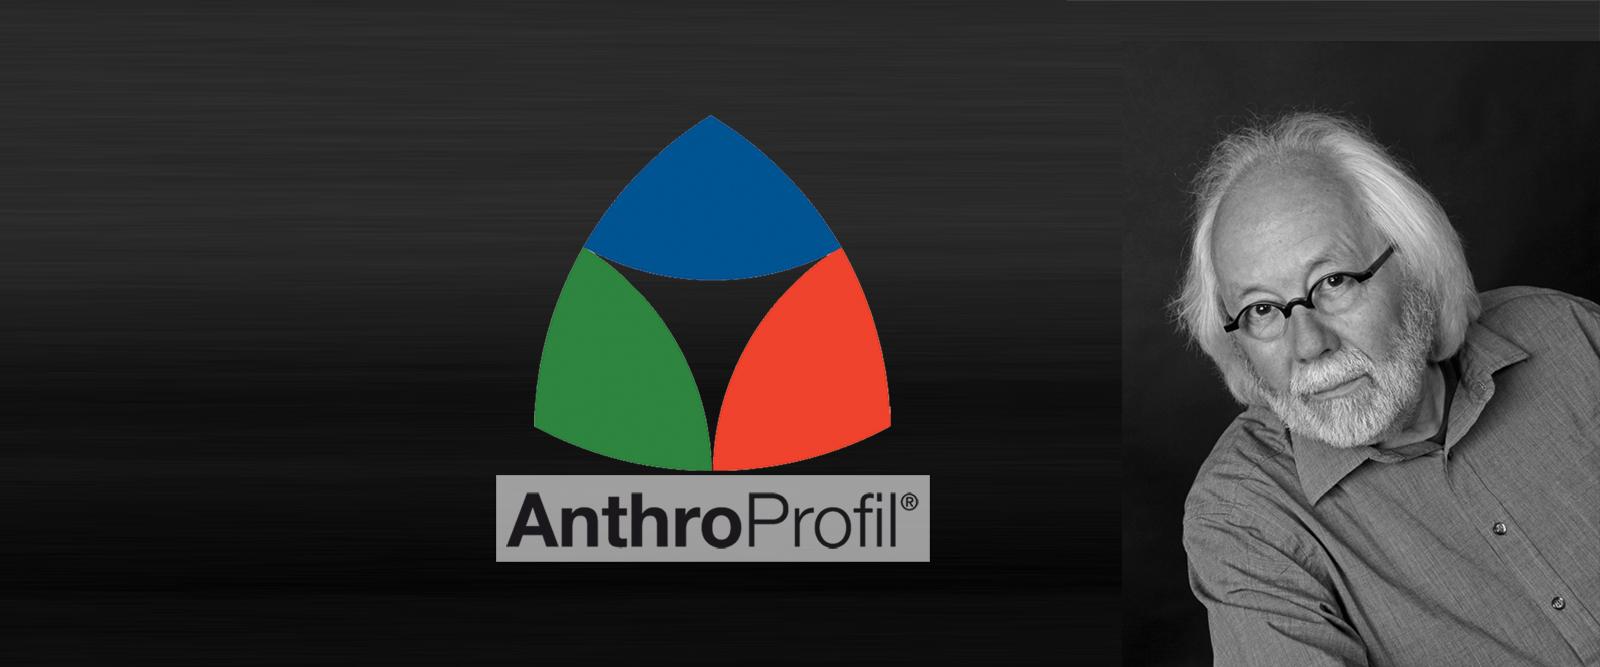 Vogl-Anthroprofil–6-1600-rand